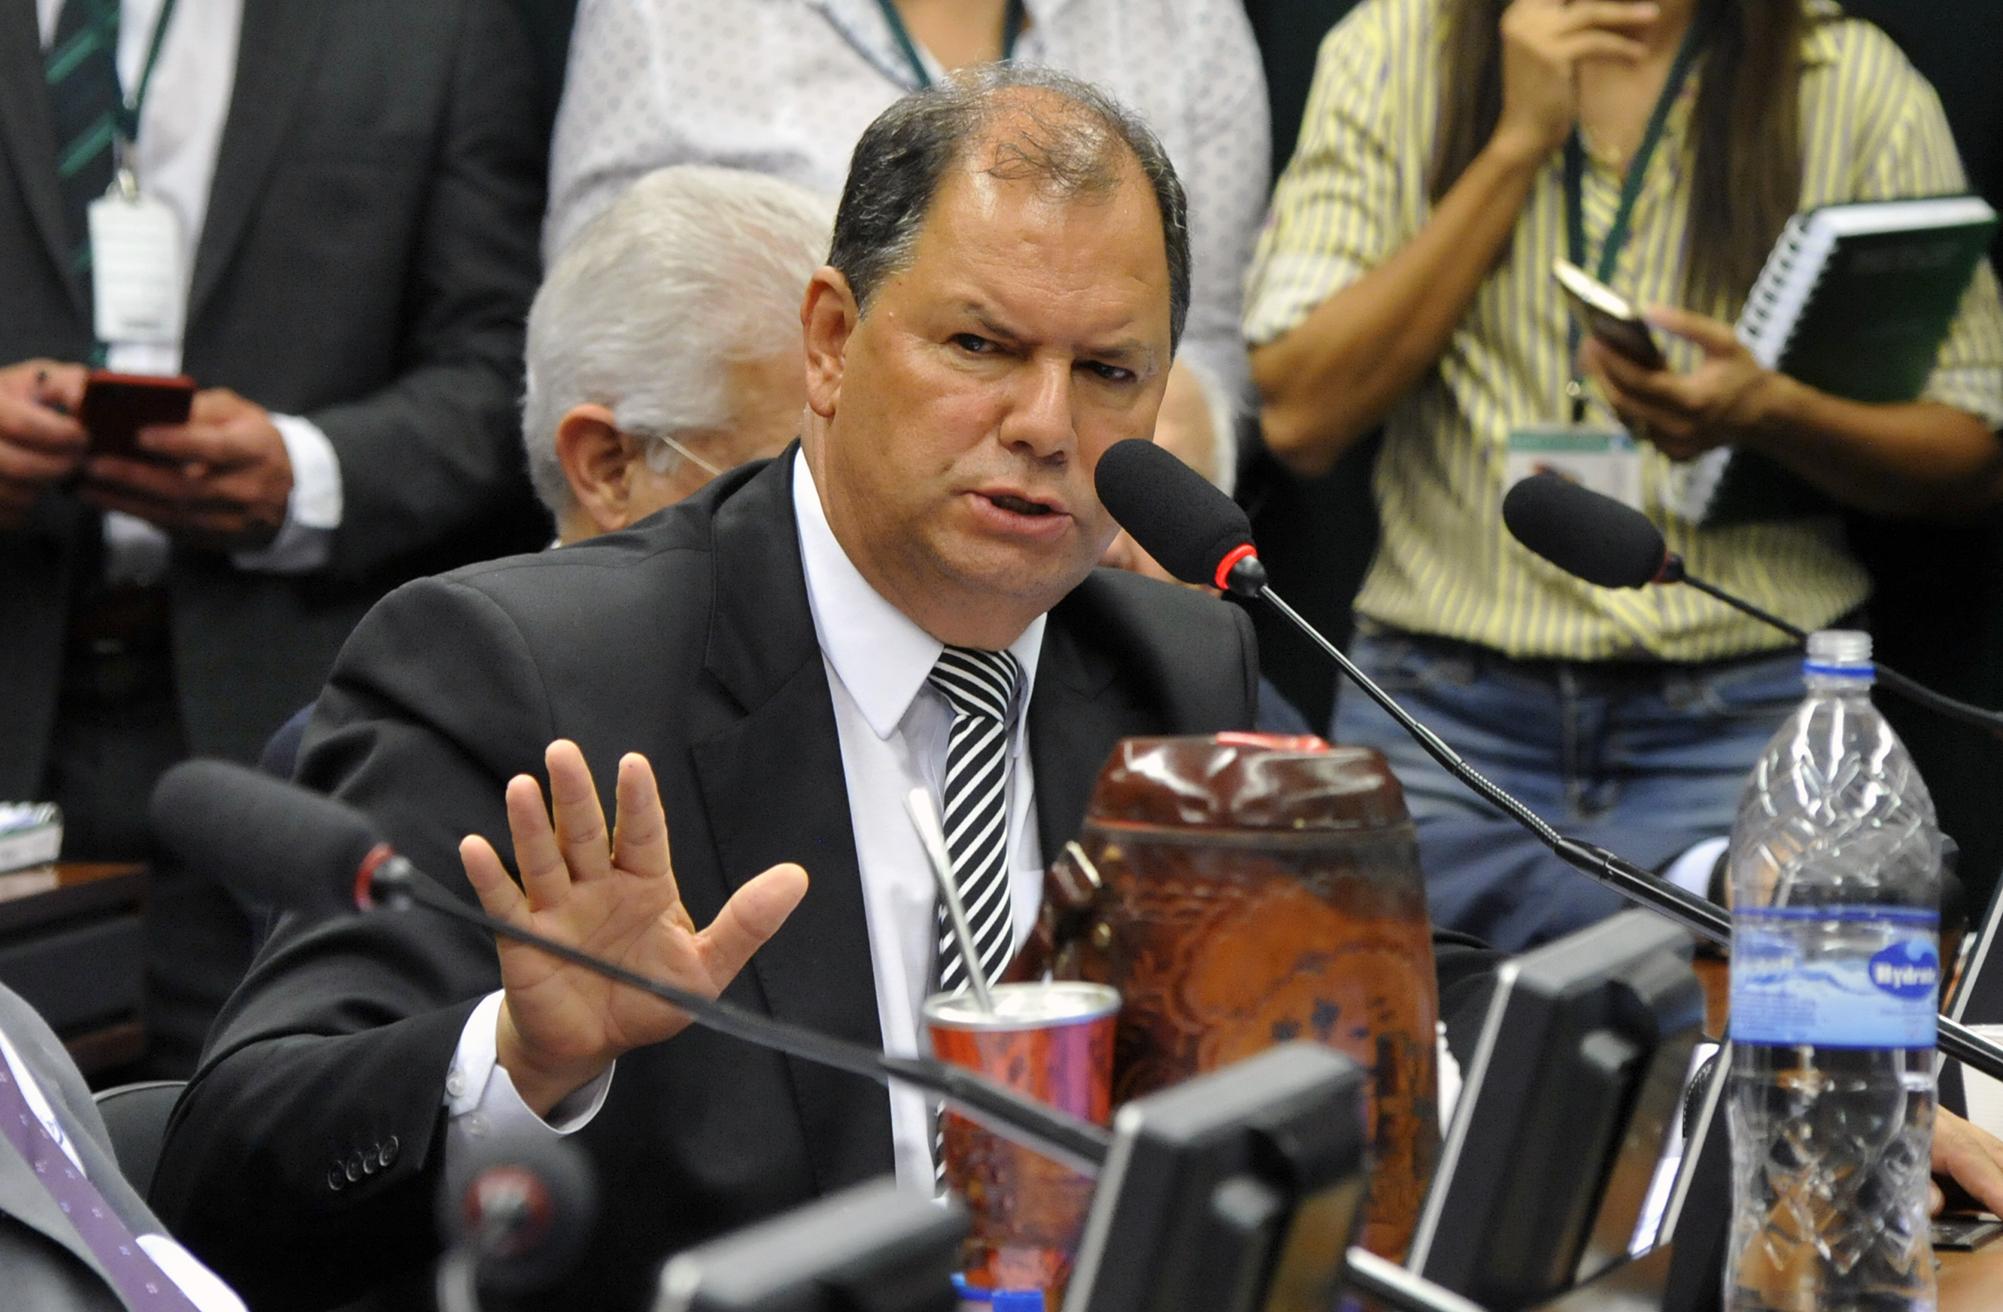 Reunião Extraordinária para discussão da proposta de reforma da Previdência. Relator dep. Alceu Moreira (PMDB-RS)